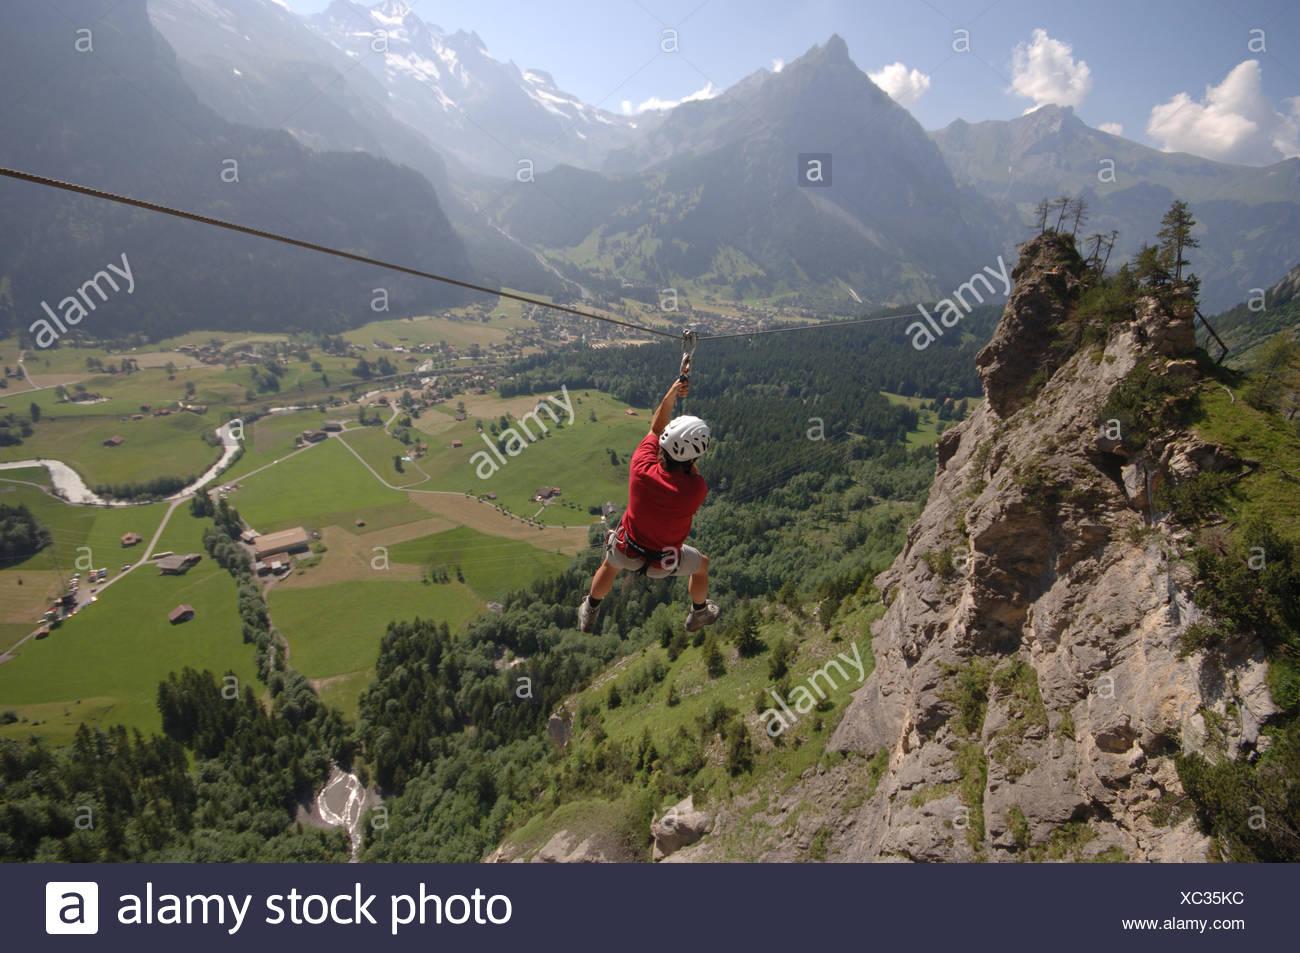 Klettersteig Allmenalp : Klettersteig allmenalp stockfoto bild alamy